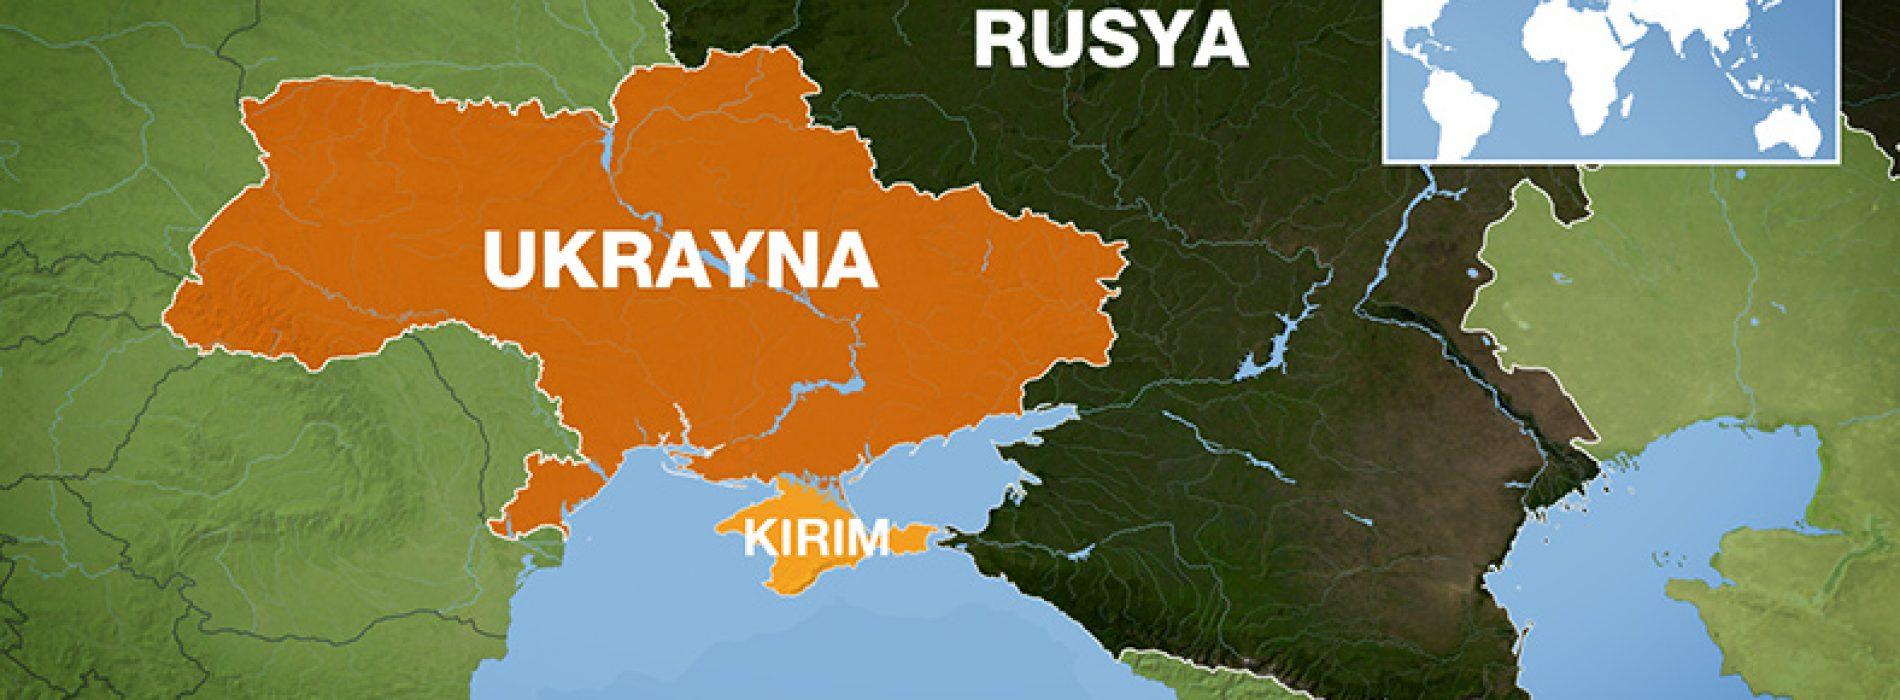 AB İçin Ukrayna'ya Vize Muafiyeti Getirildi